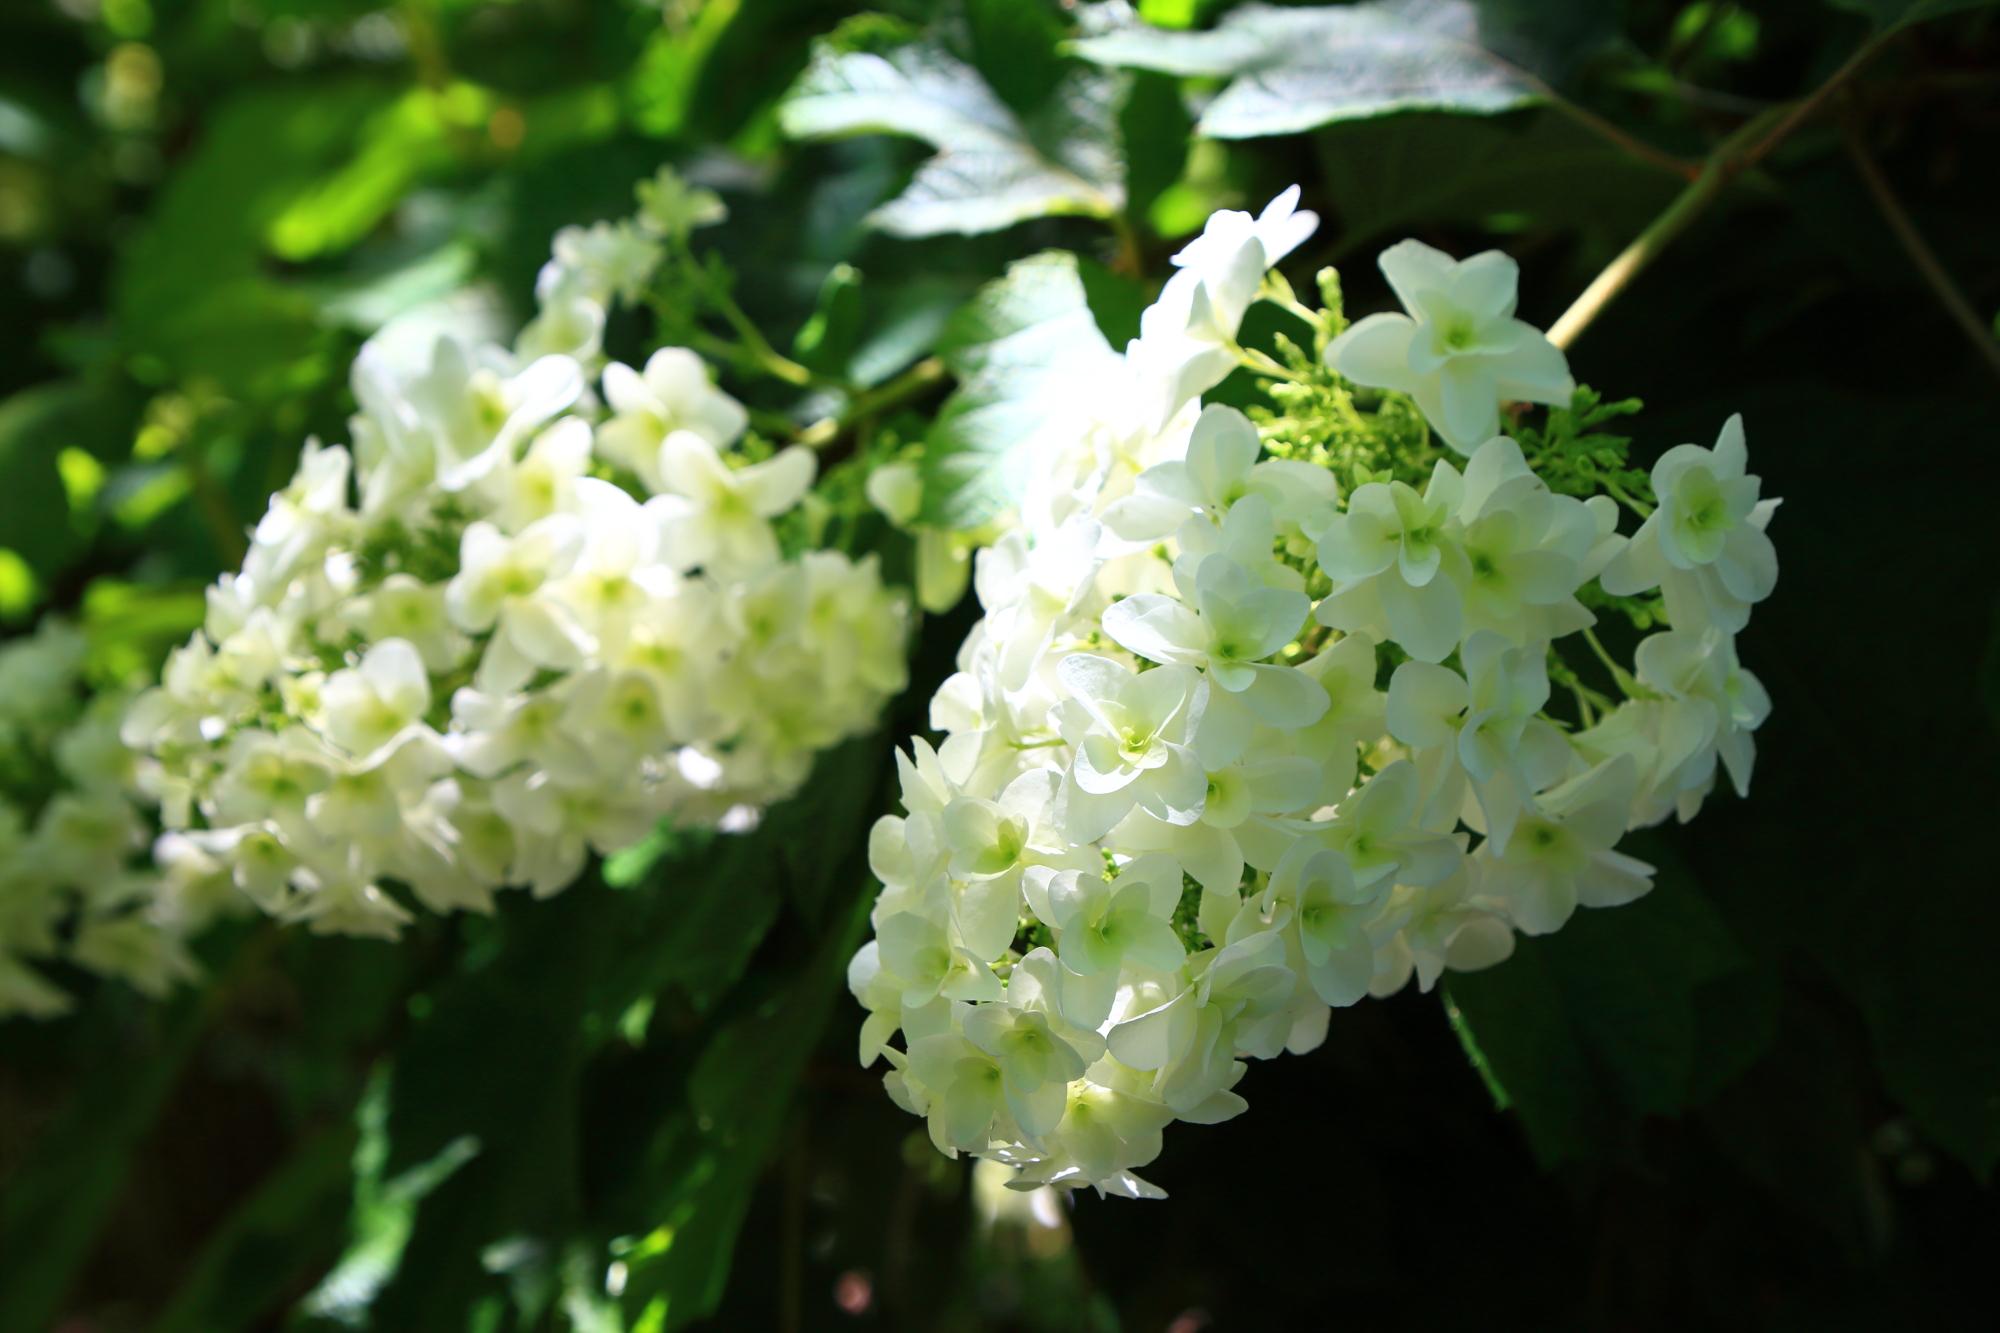 グリーンがかった爽やかな白いカシワバアジサイ